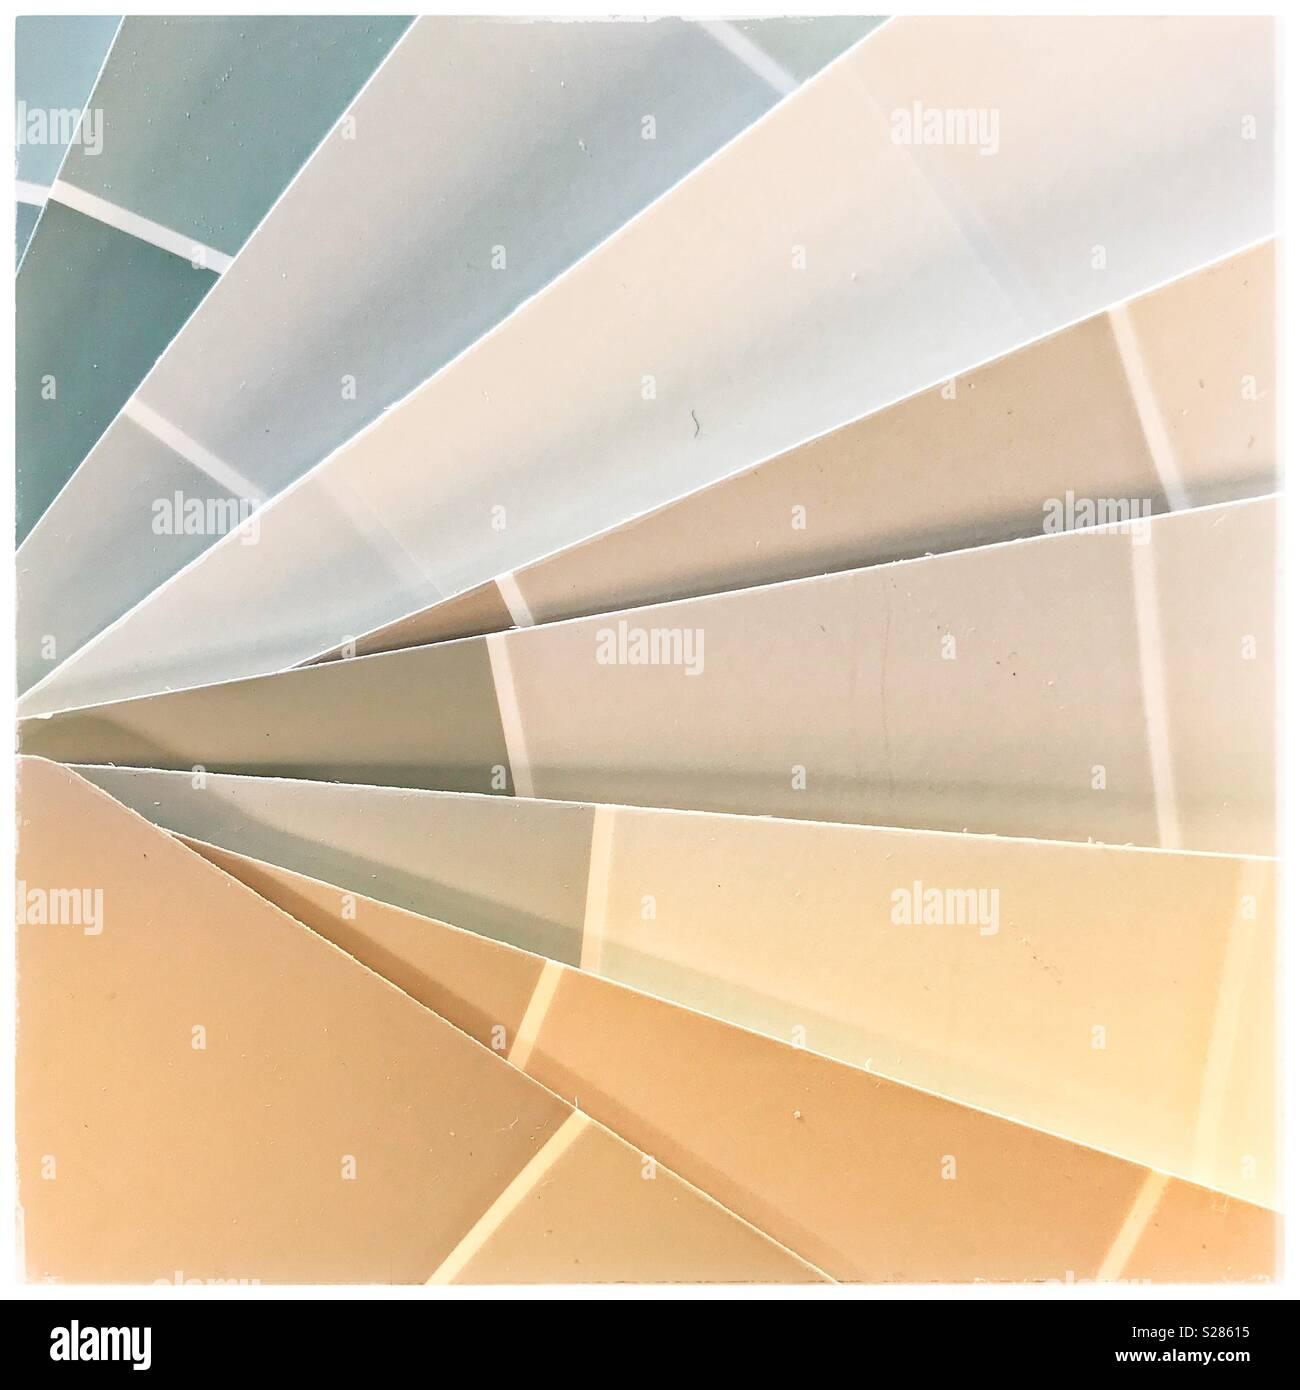 Dipingere i campioni di colore. Immagini Stock